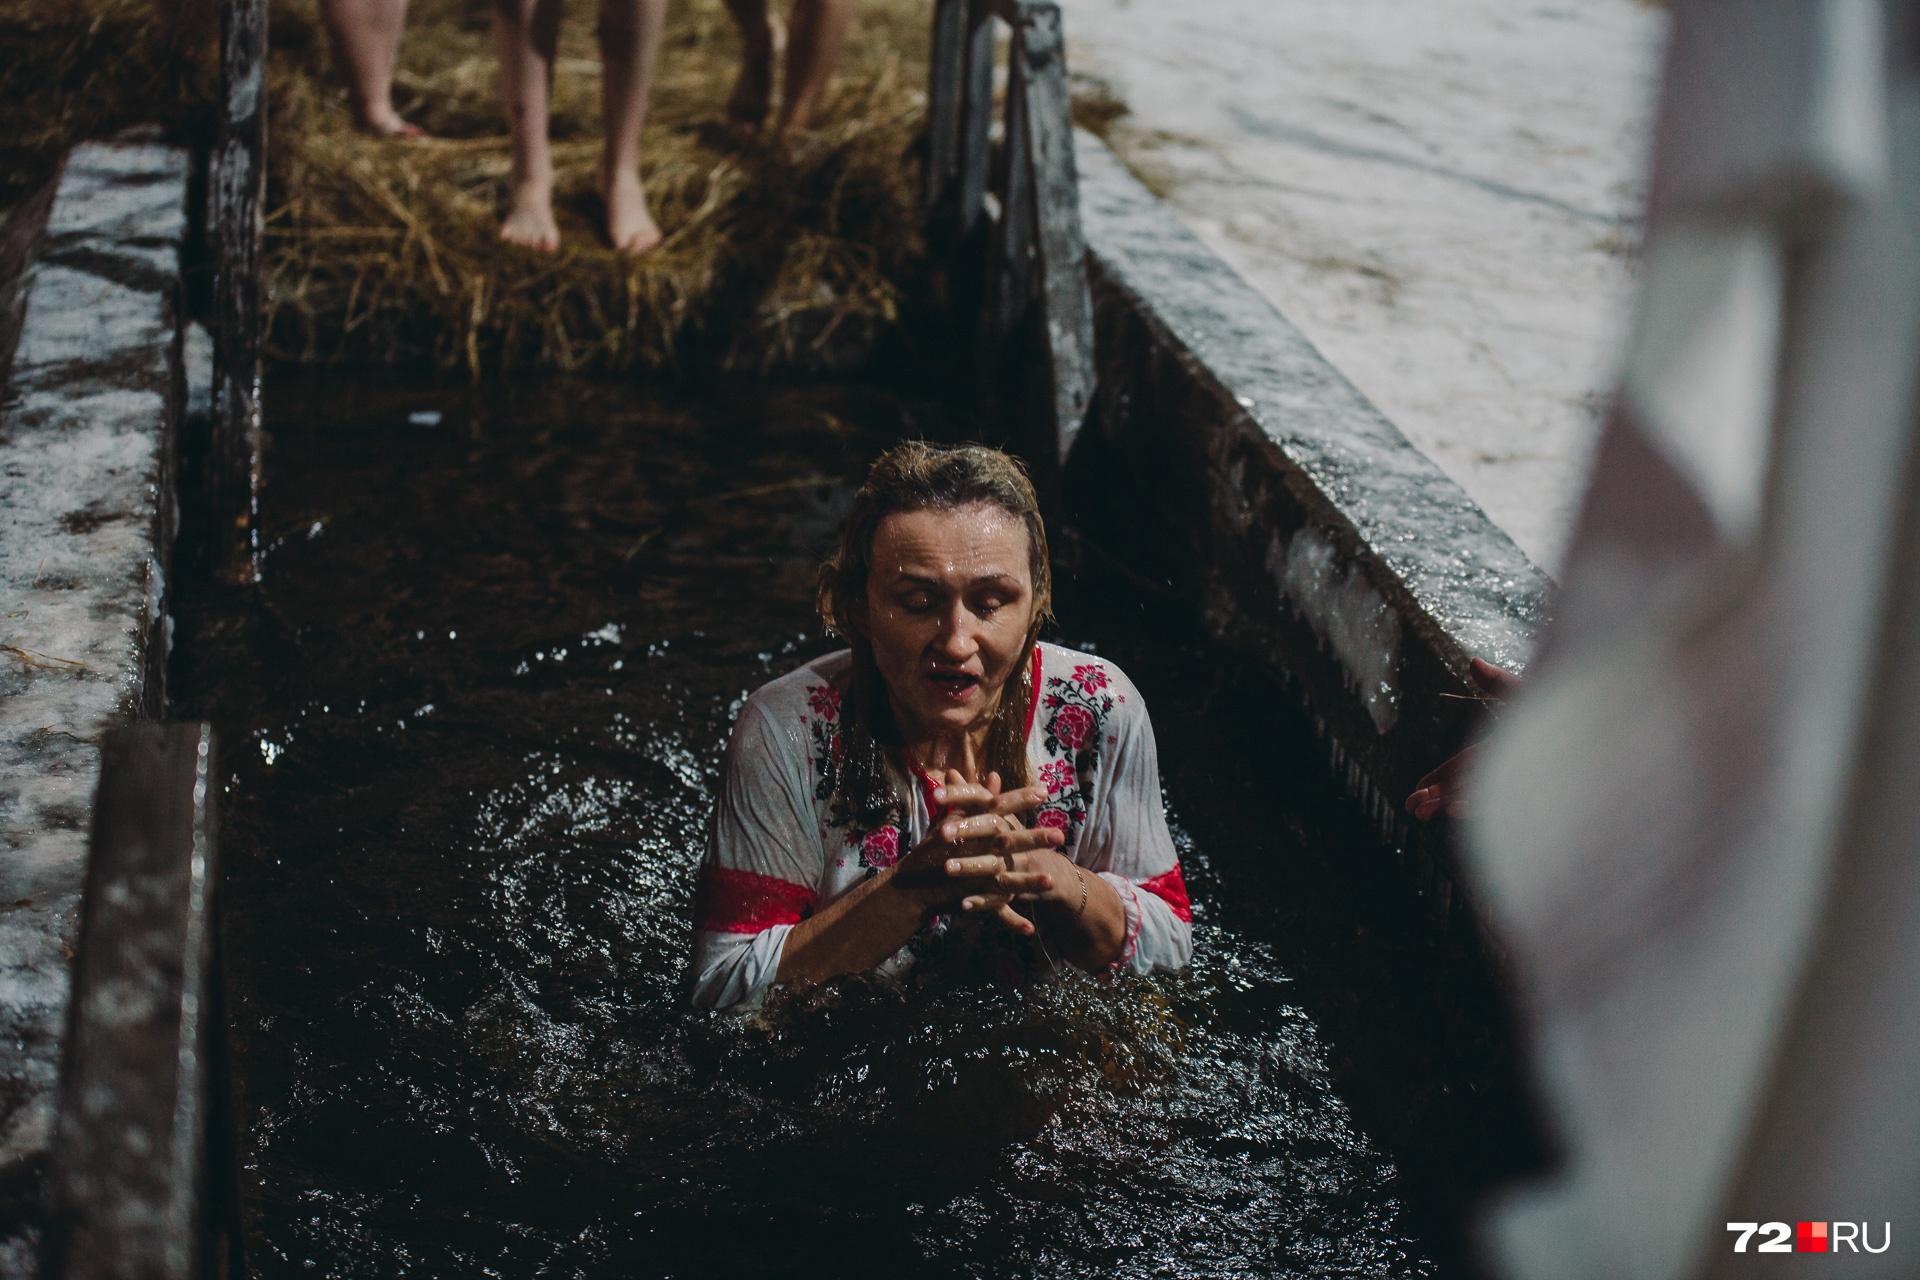 Оказавшись в воде, вы все равно забудете все молитвы